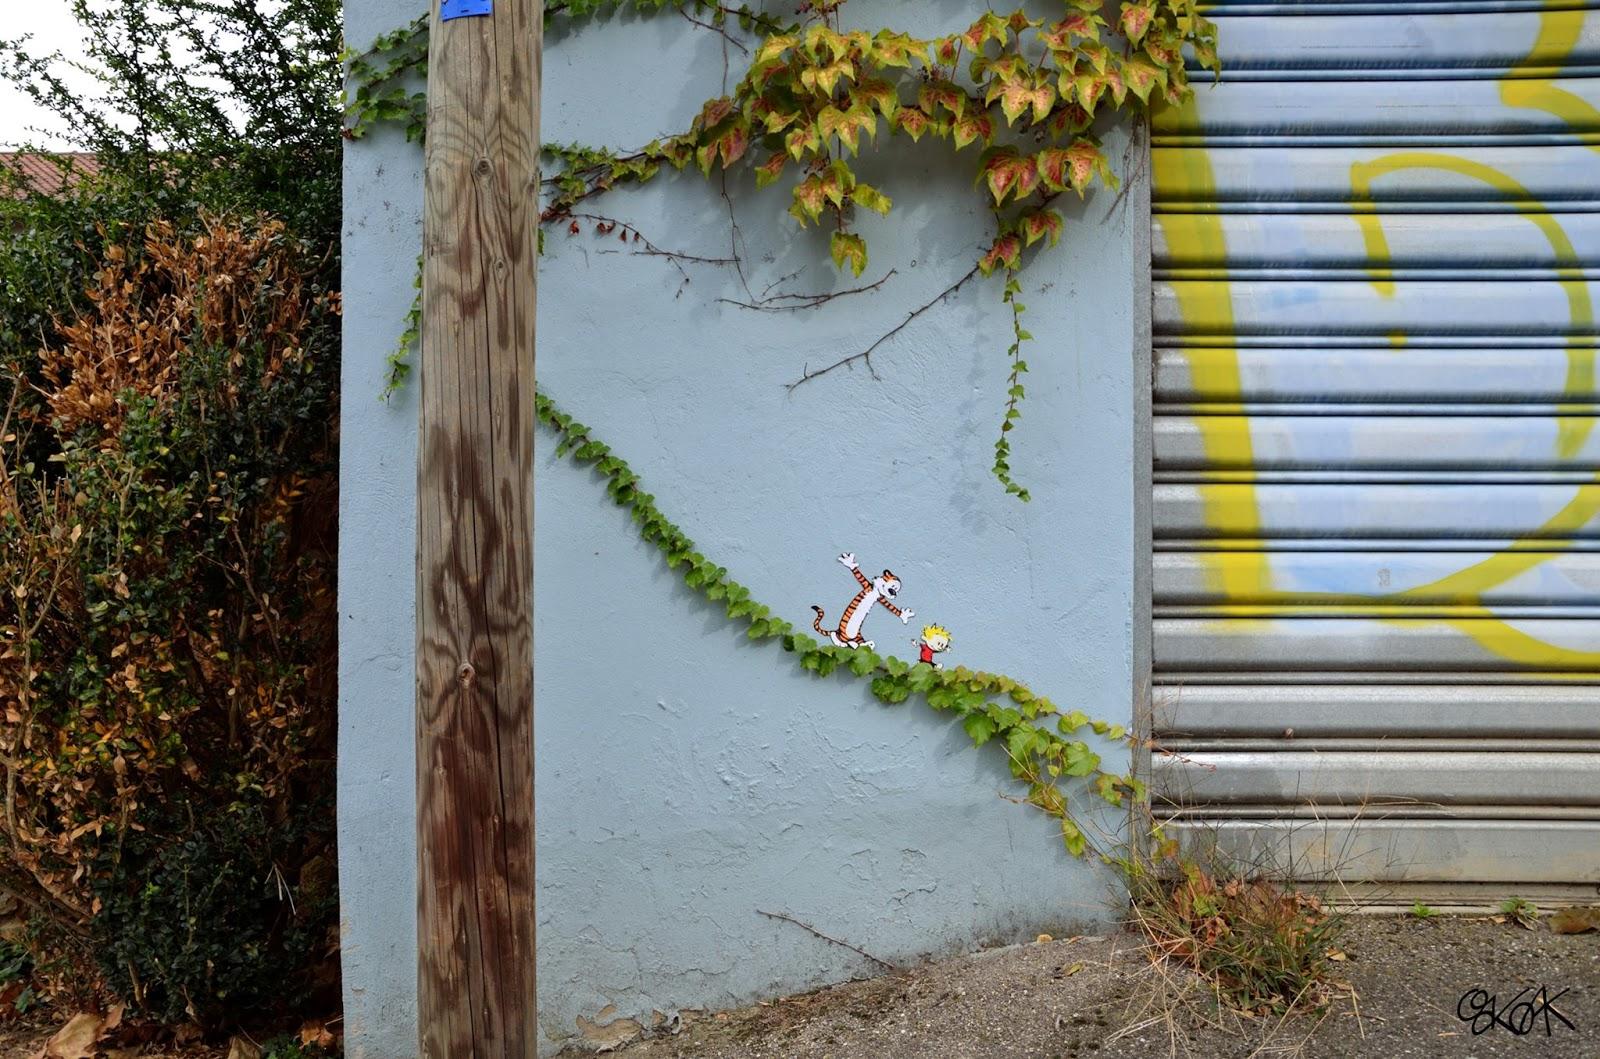 arte urbano persoajes de dibujos animados caminando por enredadera